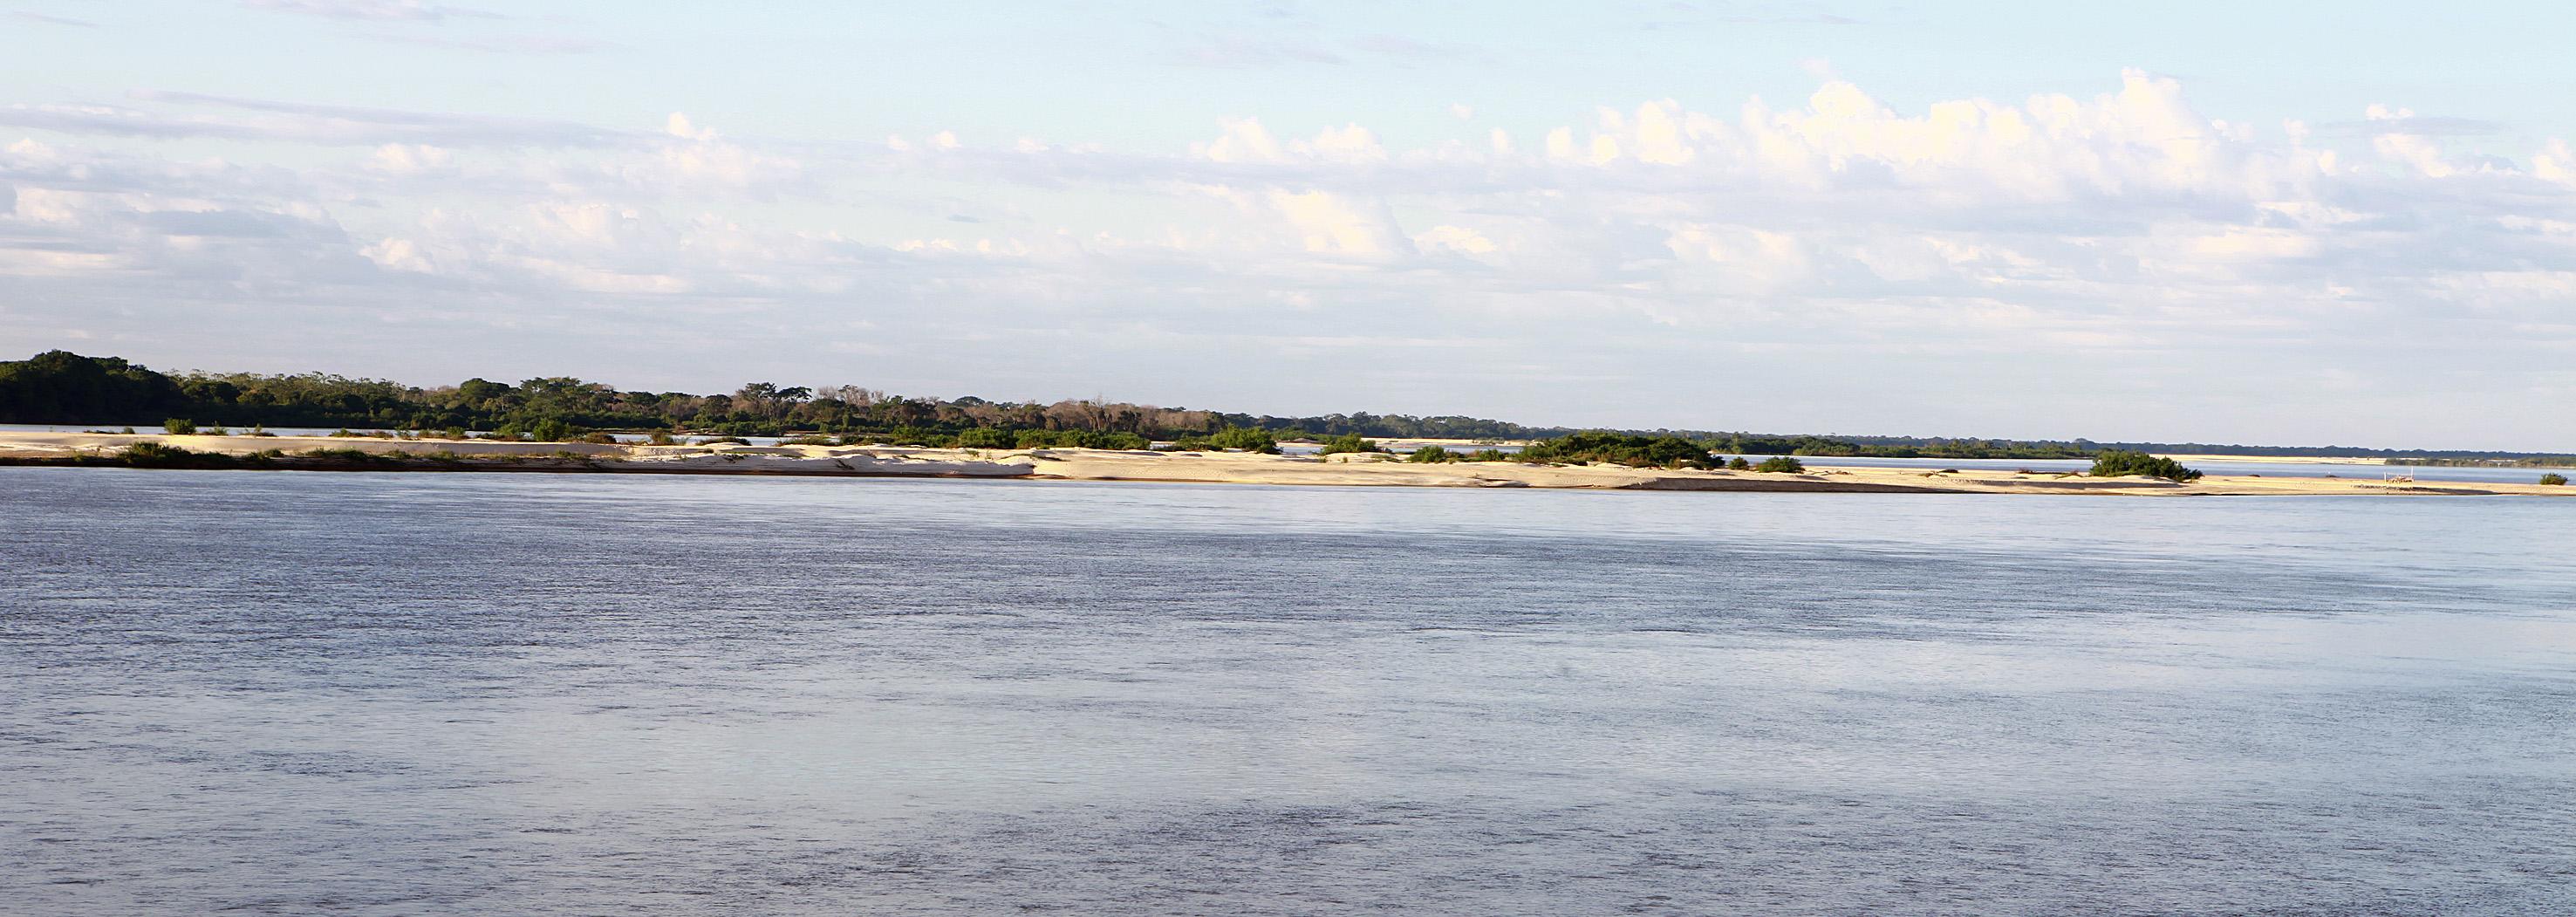 Rio Araguaia - Sa?o Fe?lix do Araguaia - 07.jpg